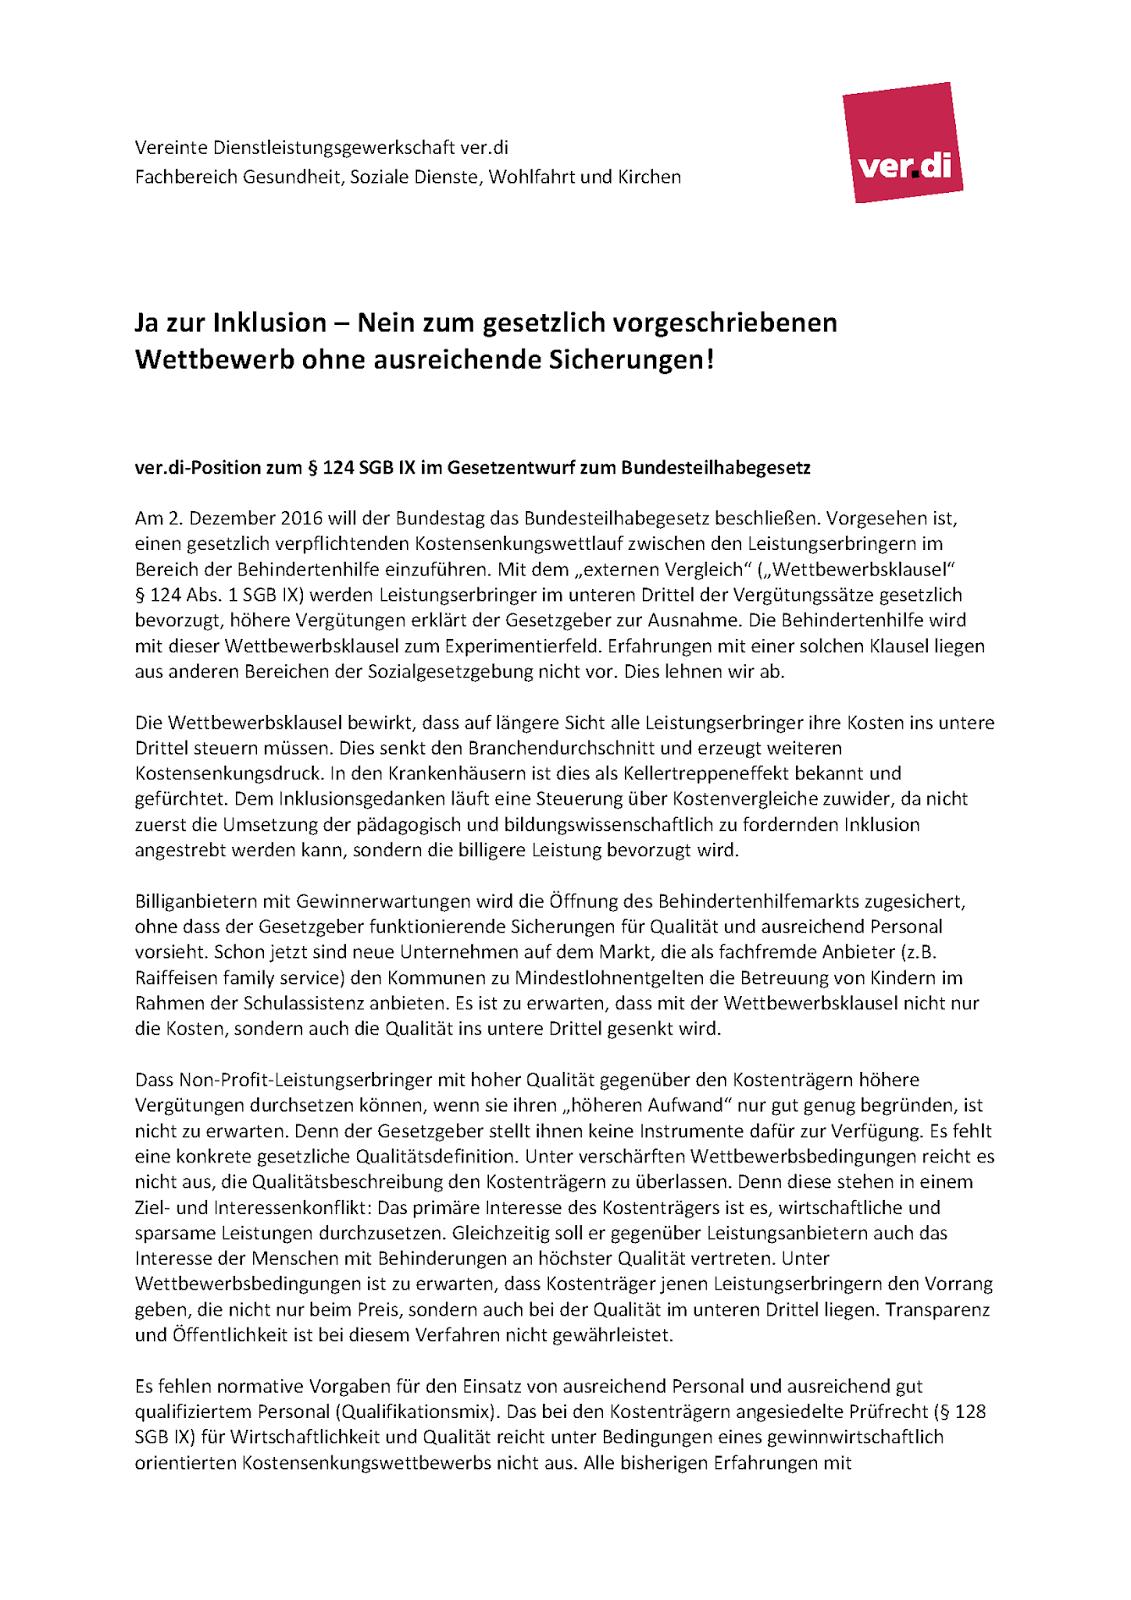 Atemberaubend Untere Drittel Kostenlose Vorlagen Galerie - Entry ...